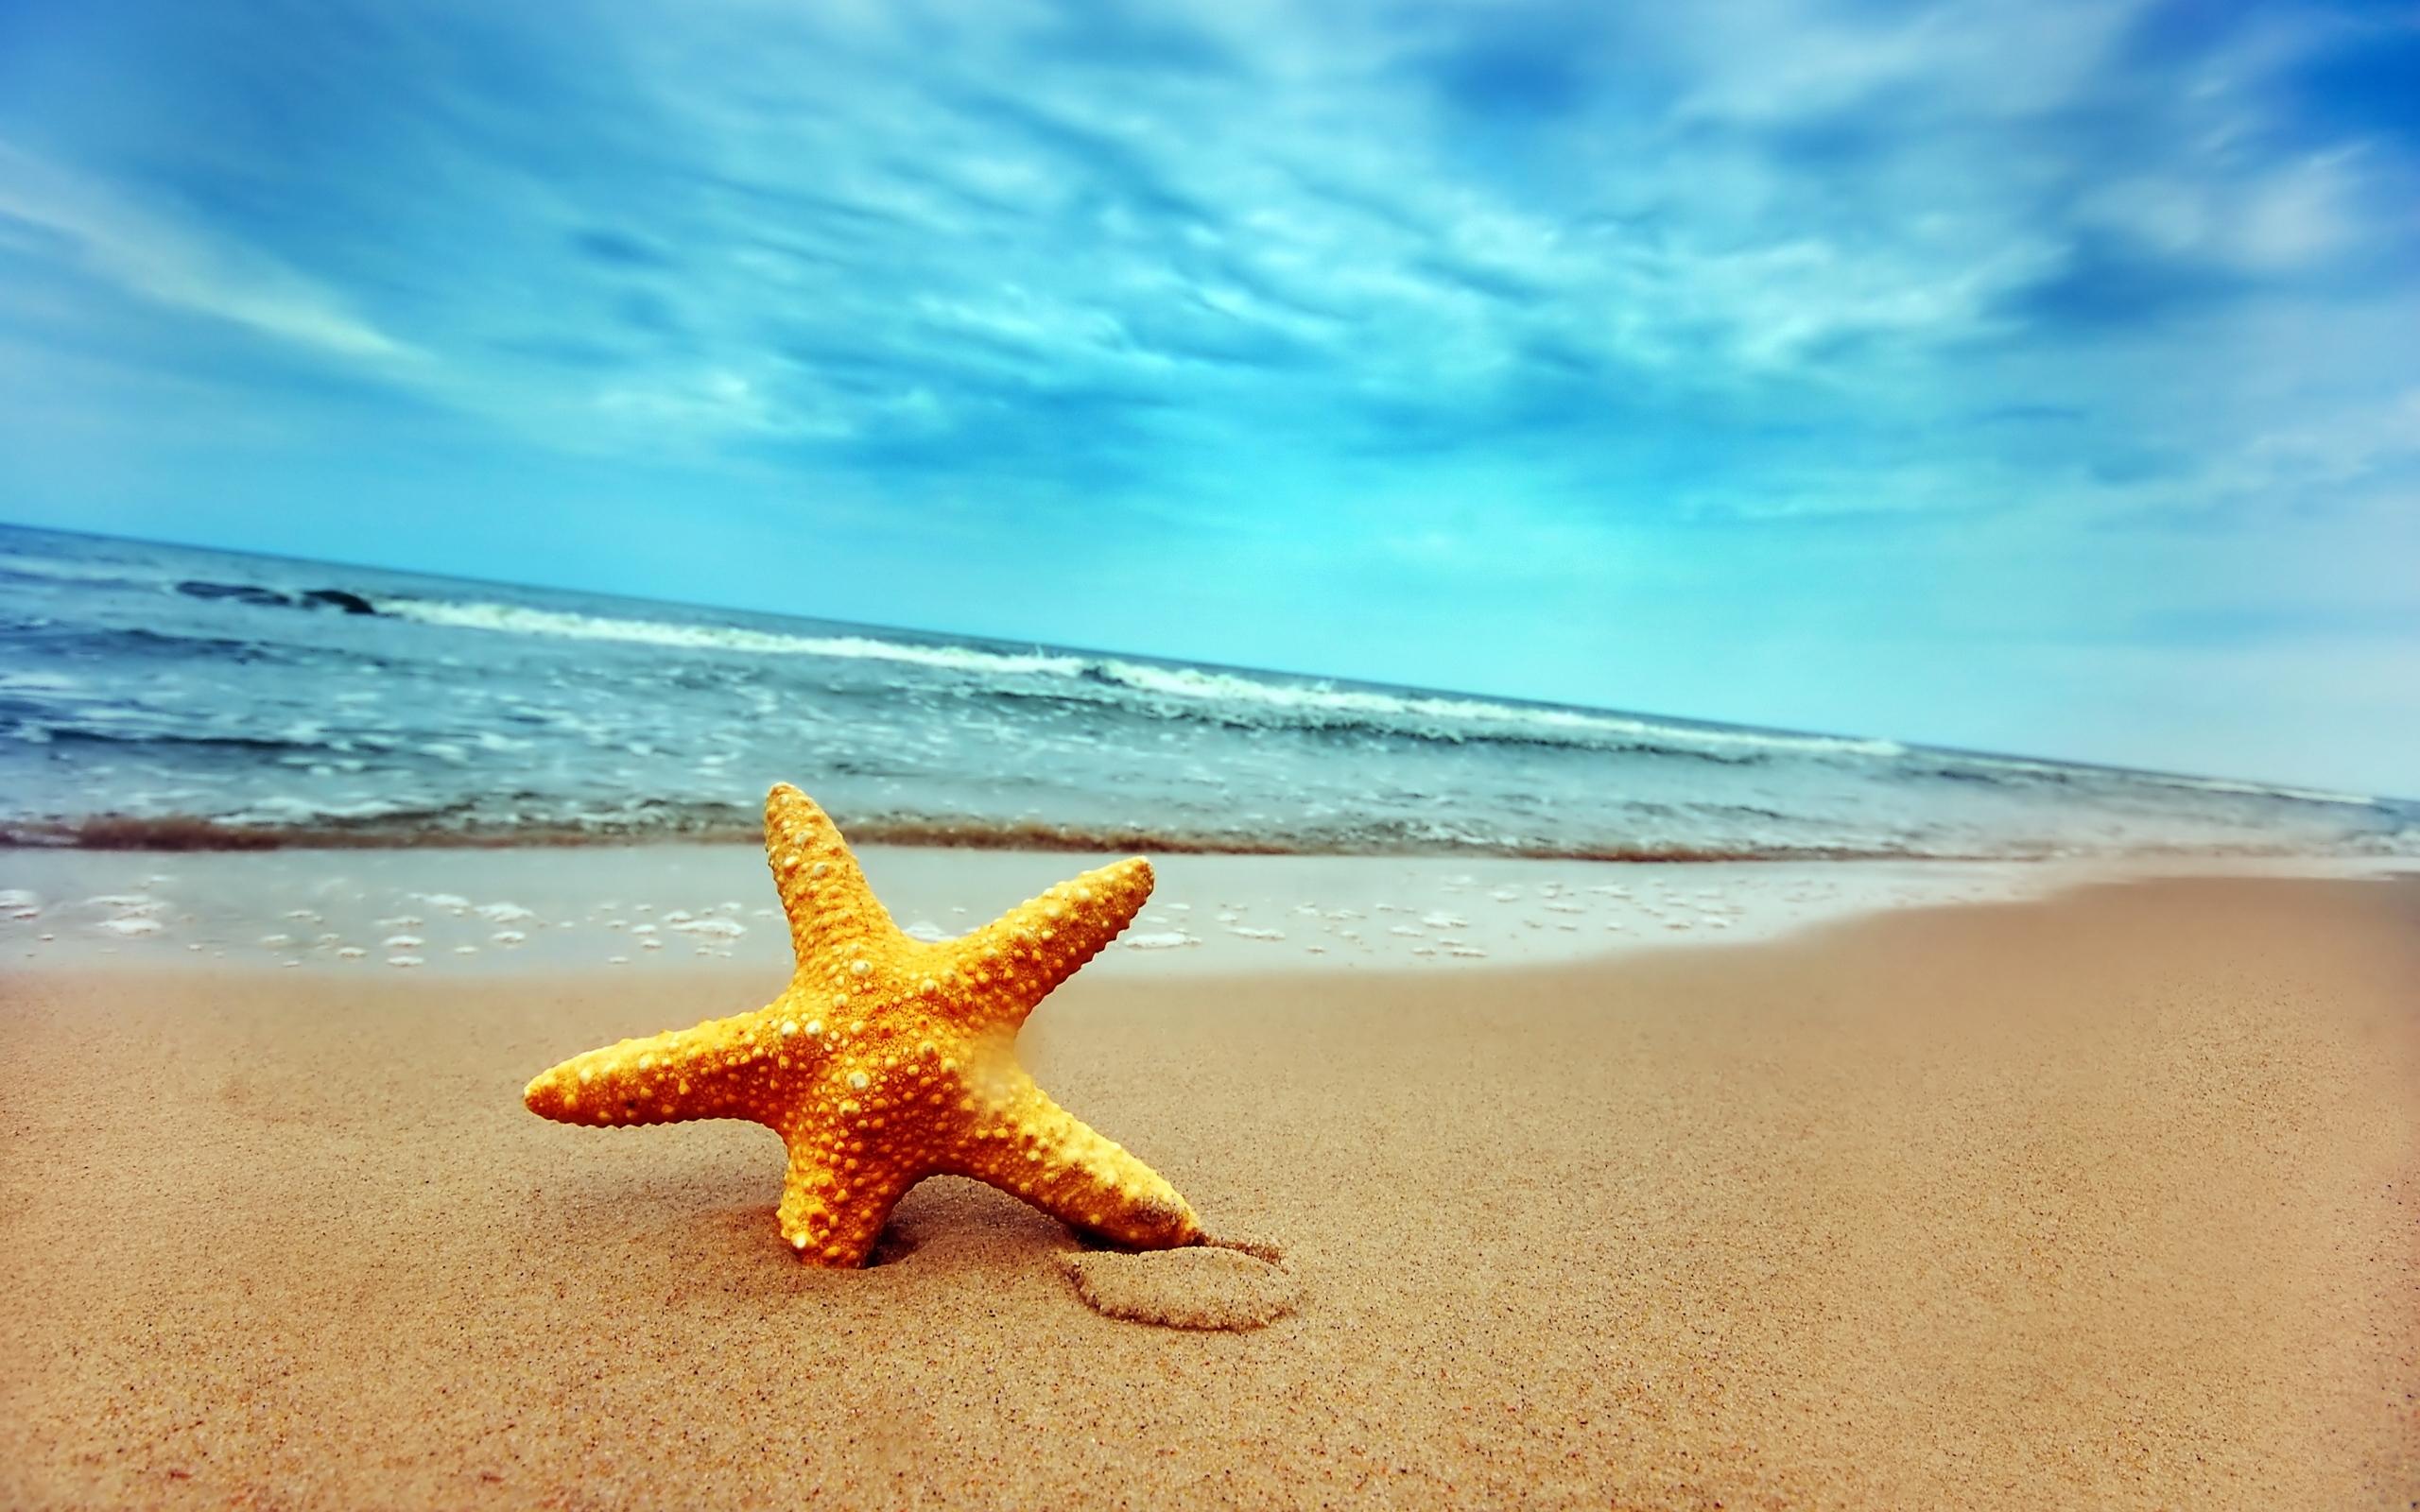 5063壁紙のダウンロード風景, 海, スター, ビーチ-スクリーンセーバーと写真を無料で